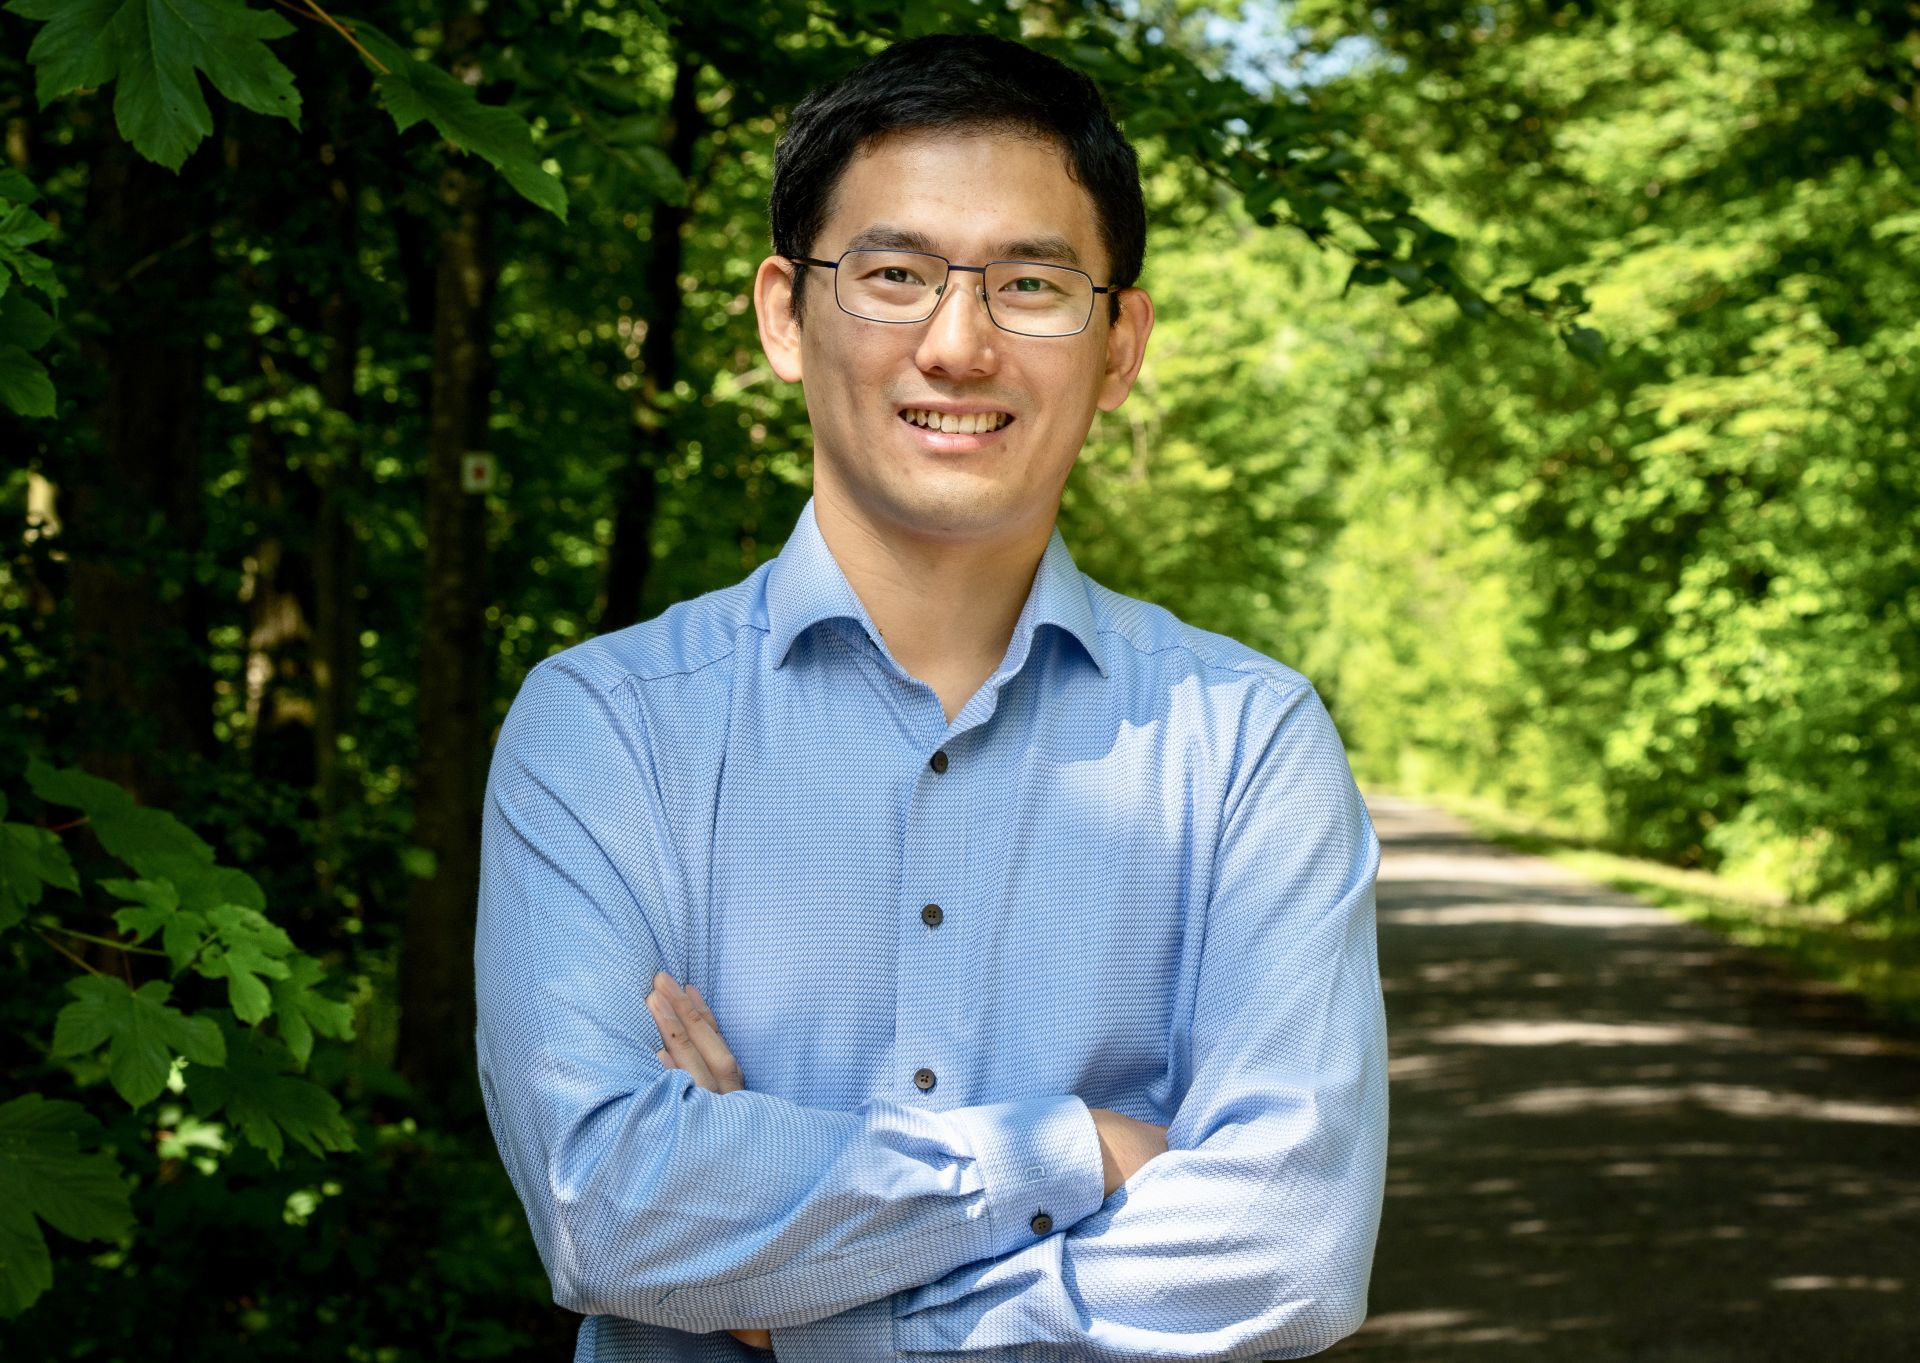 华人科学家在德研制成功医用纳米机器人